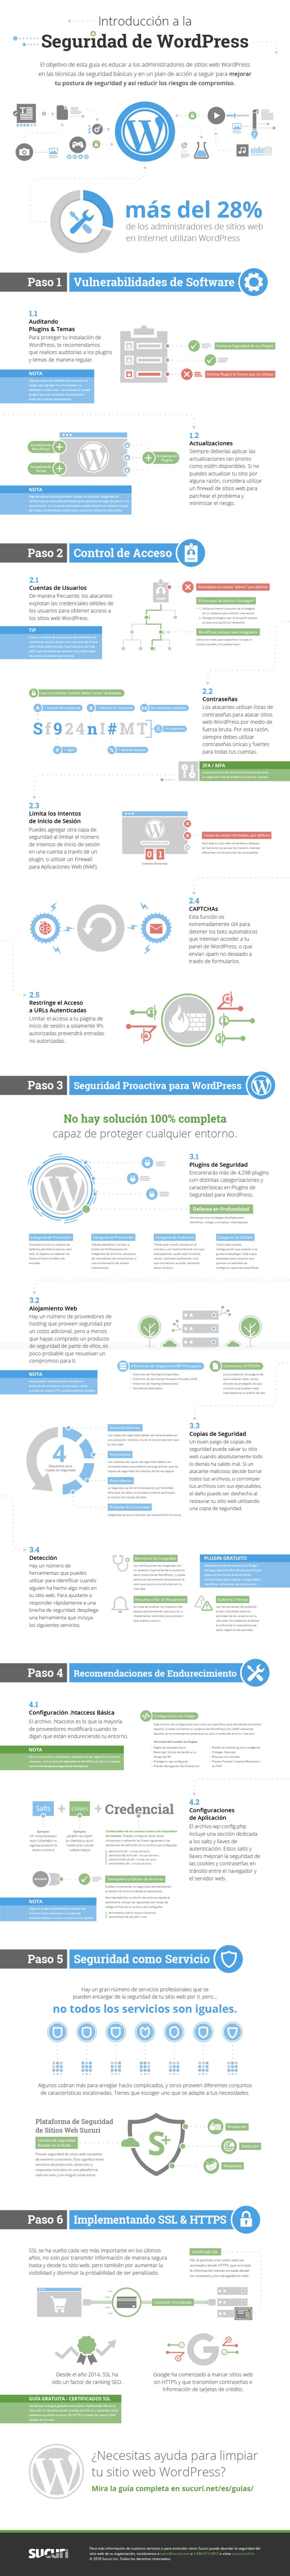 Introducción a la seguridad de WordPress #infografia #infographic #socialmedia